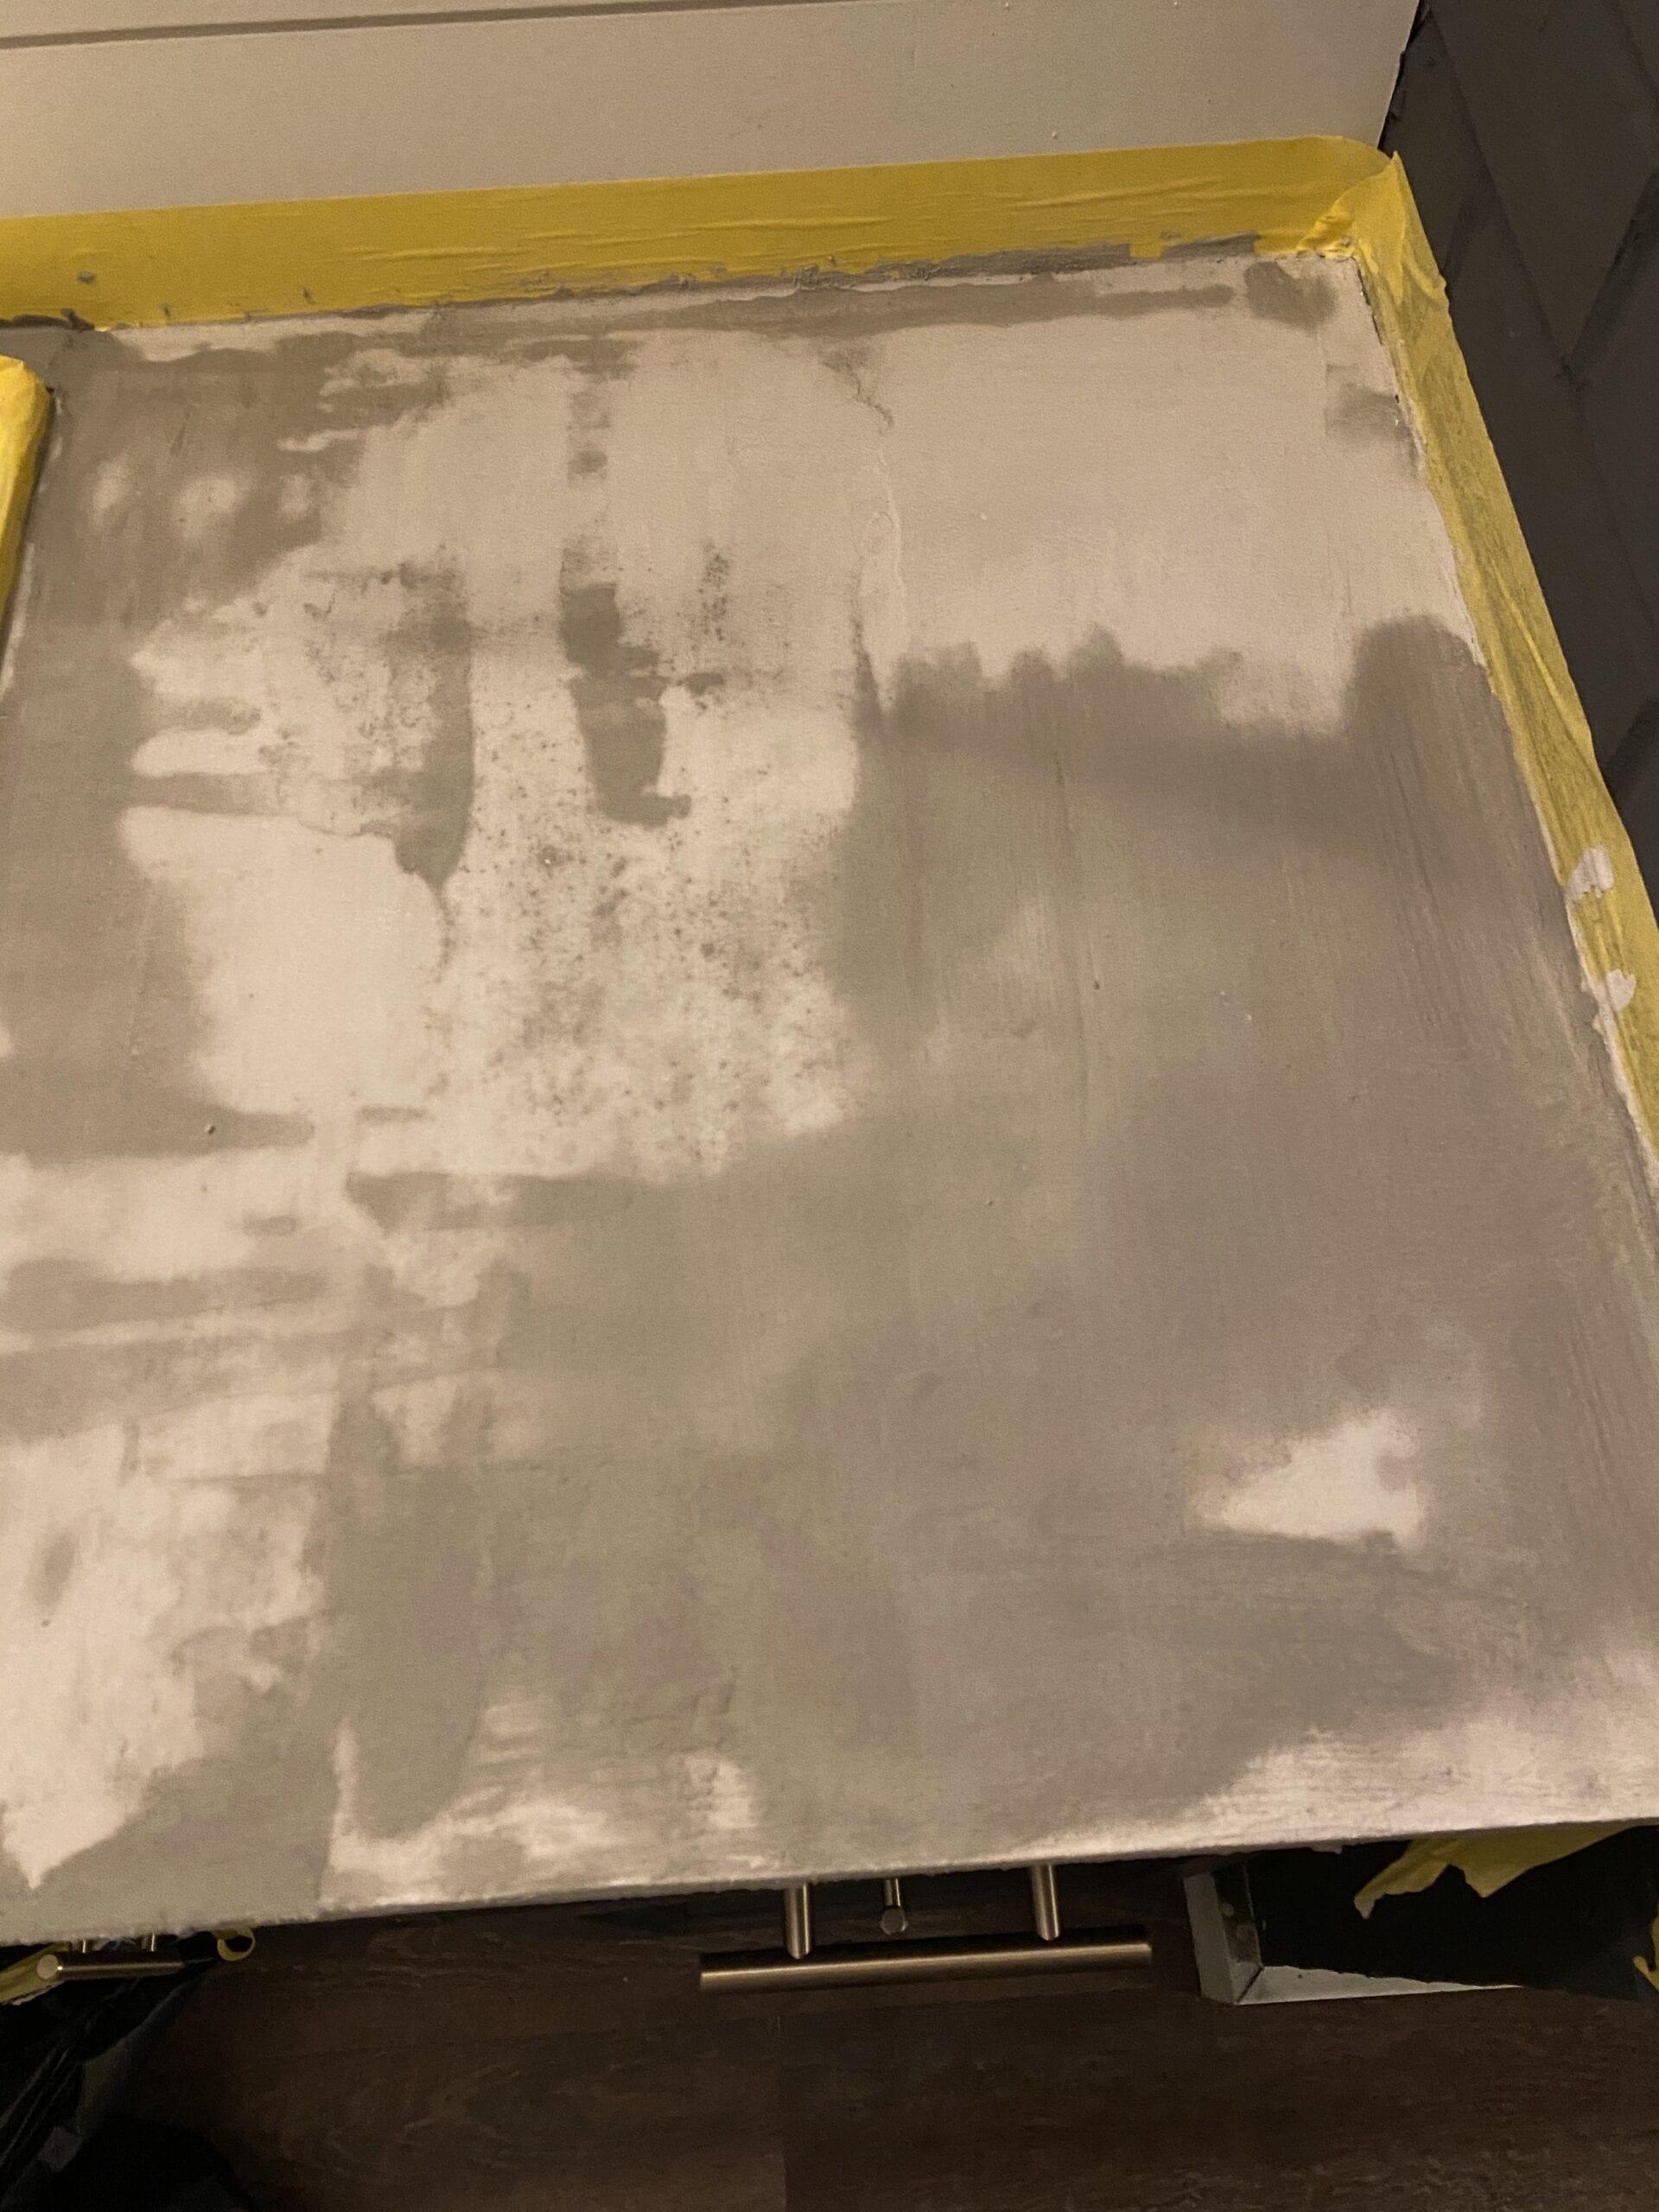 Ash Concrete Overlay Over Laminate Bathroom Countertop